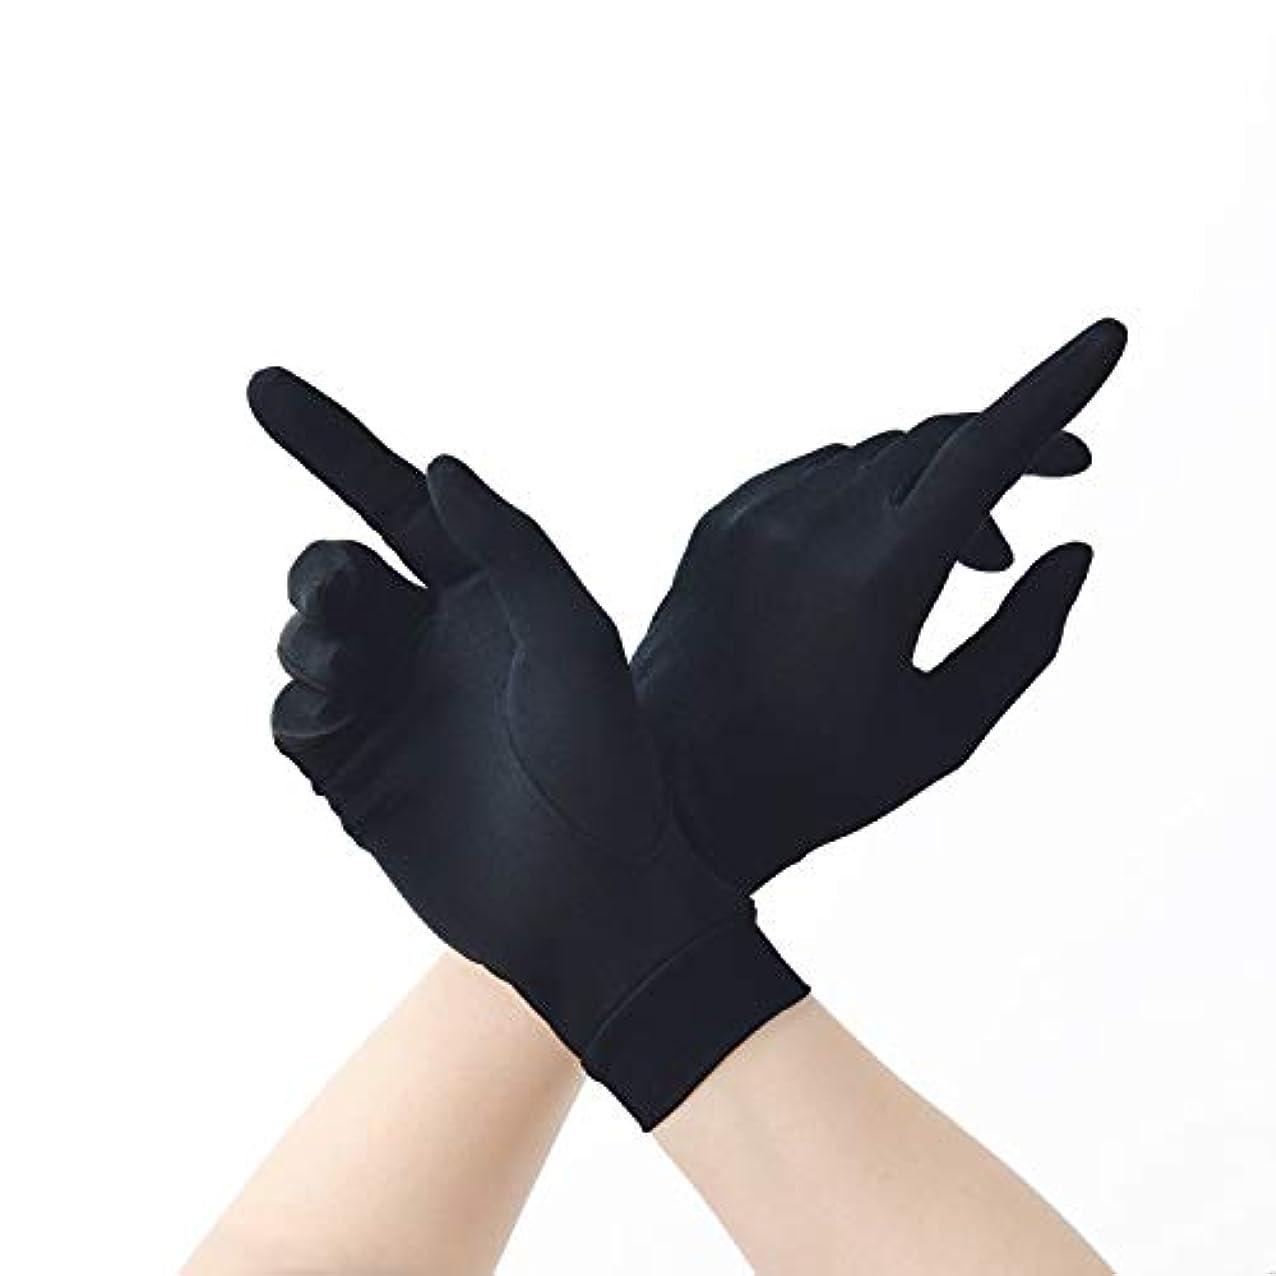 許可する結核位置する保湿 夏 ハンド 手袋 シルク 紫外線 日焼け防止 手荒い おやすみ 手触りが良い ケア レディース